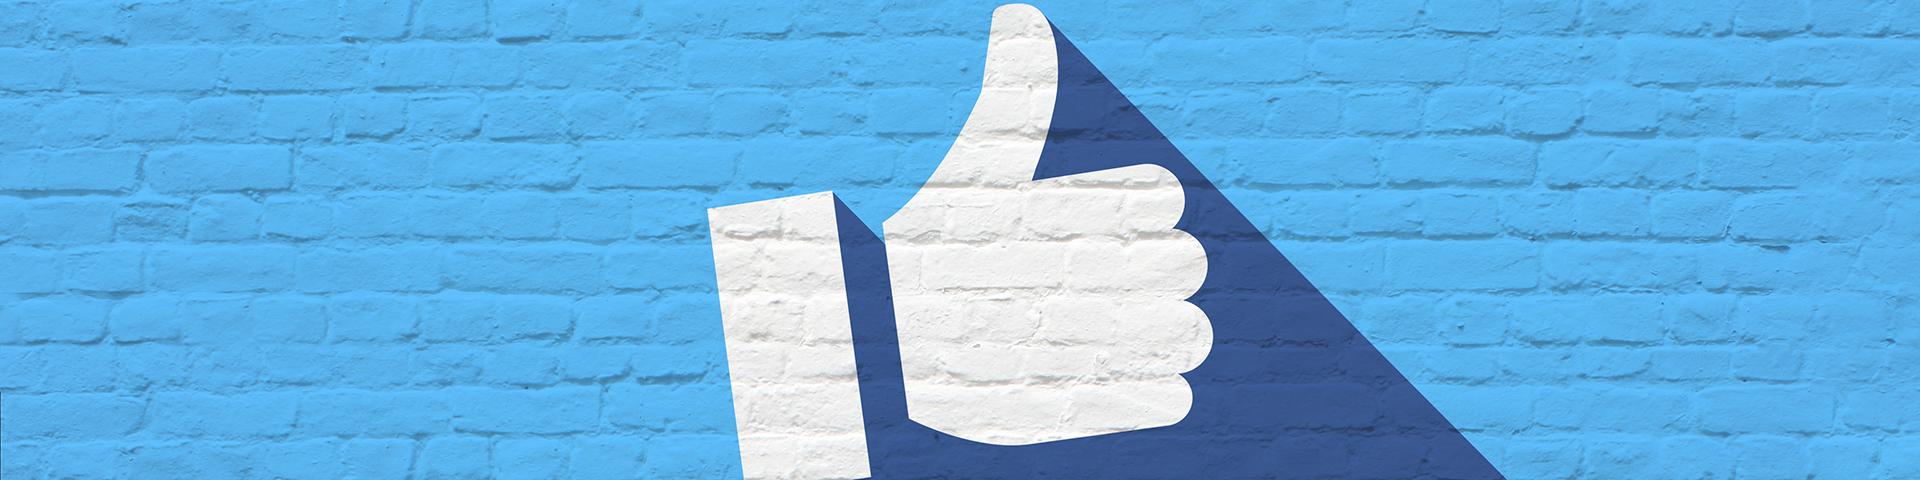 Nowy interfejs stron naFacebooku. Jakie zmiany czekają użytkowników w2021 roku